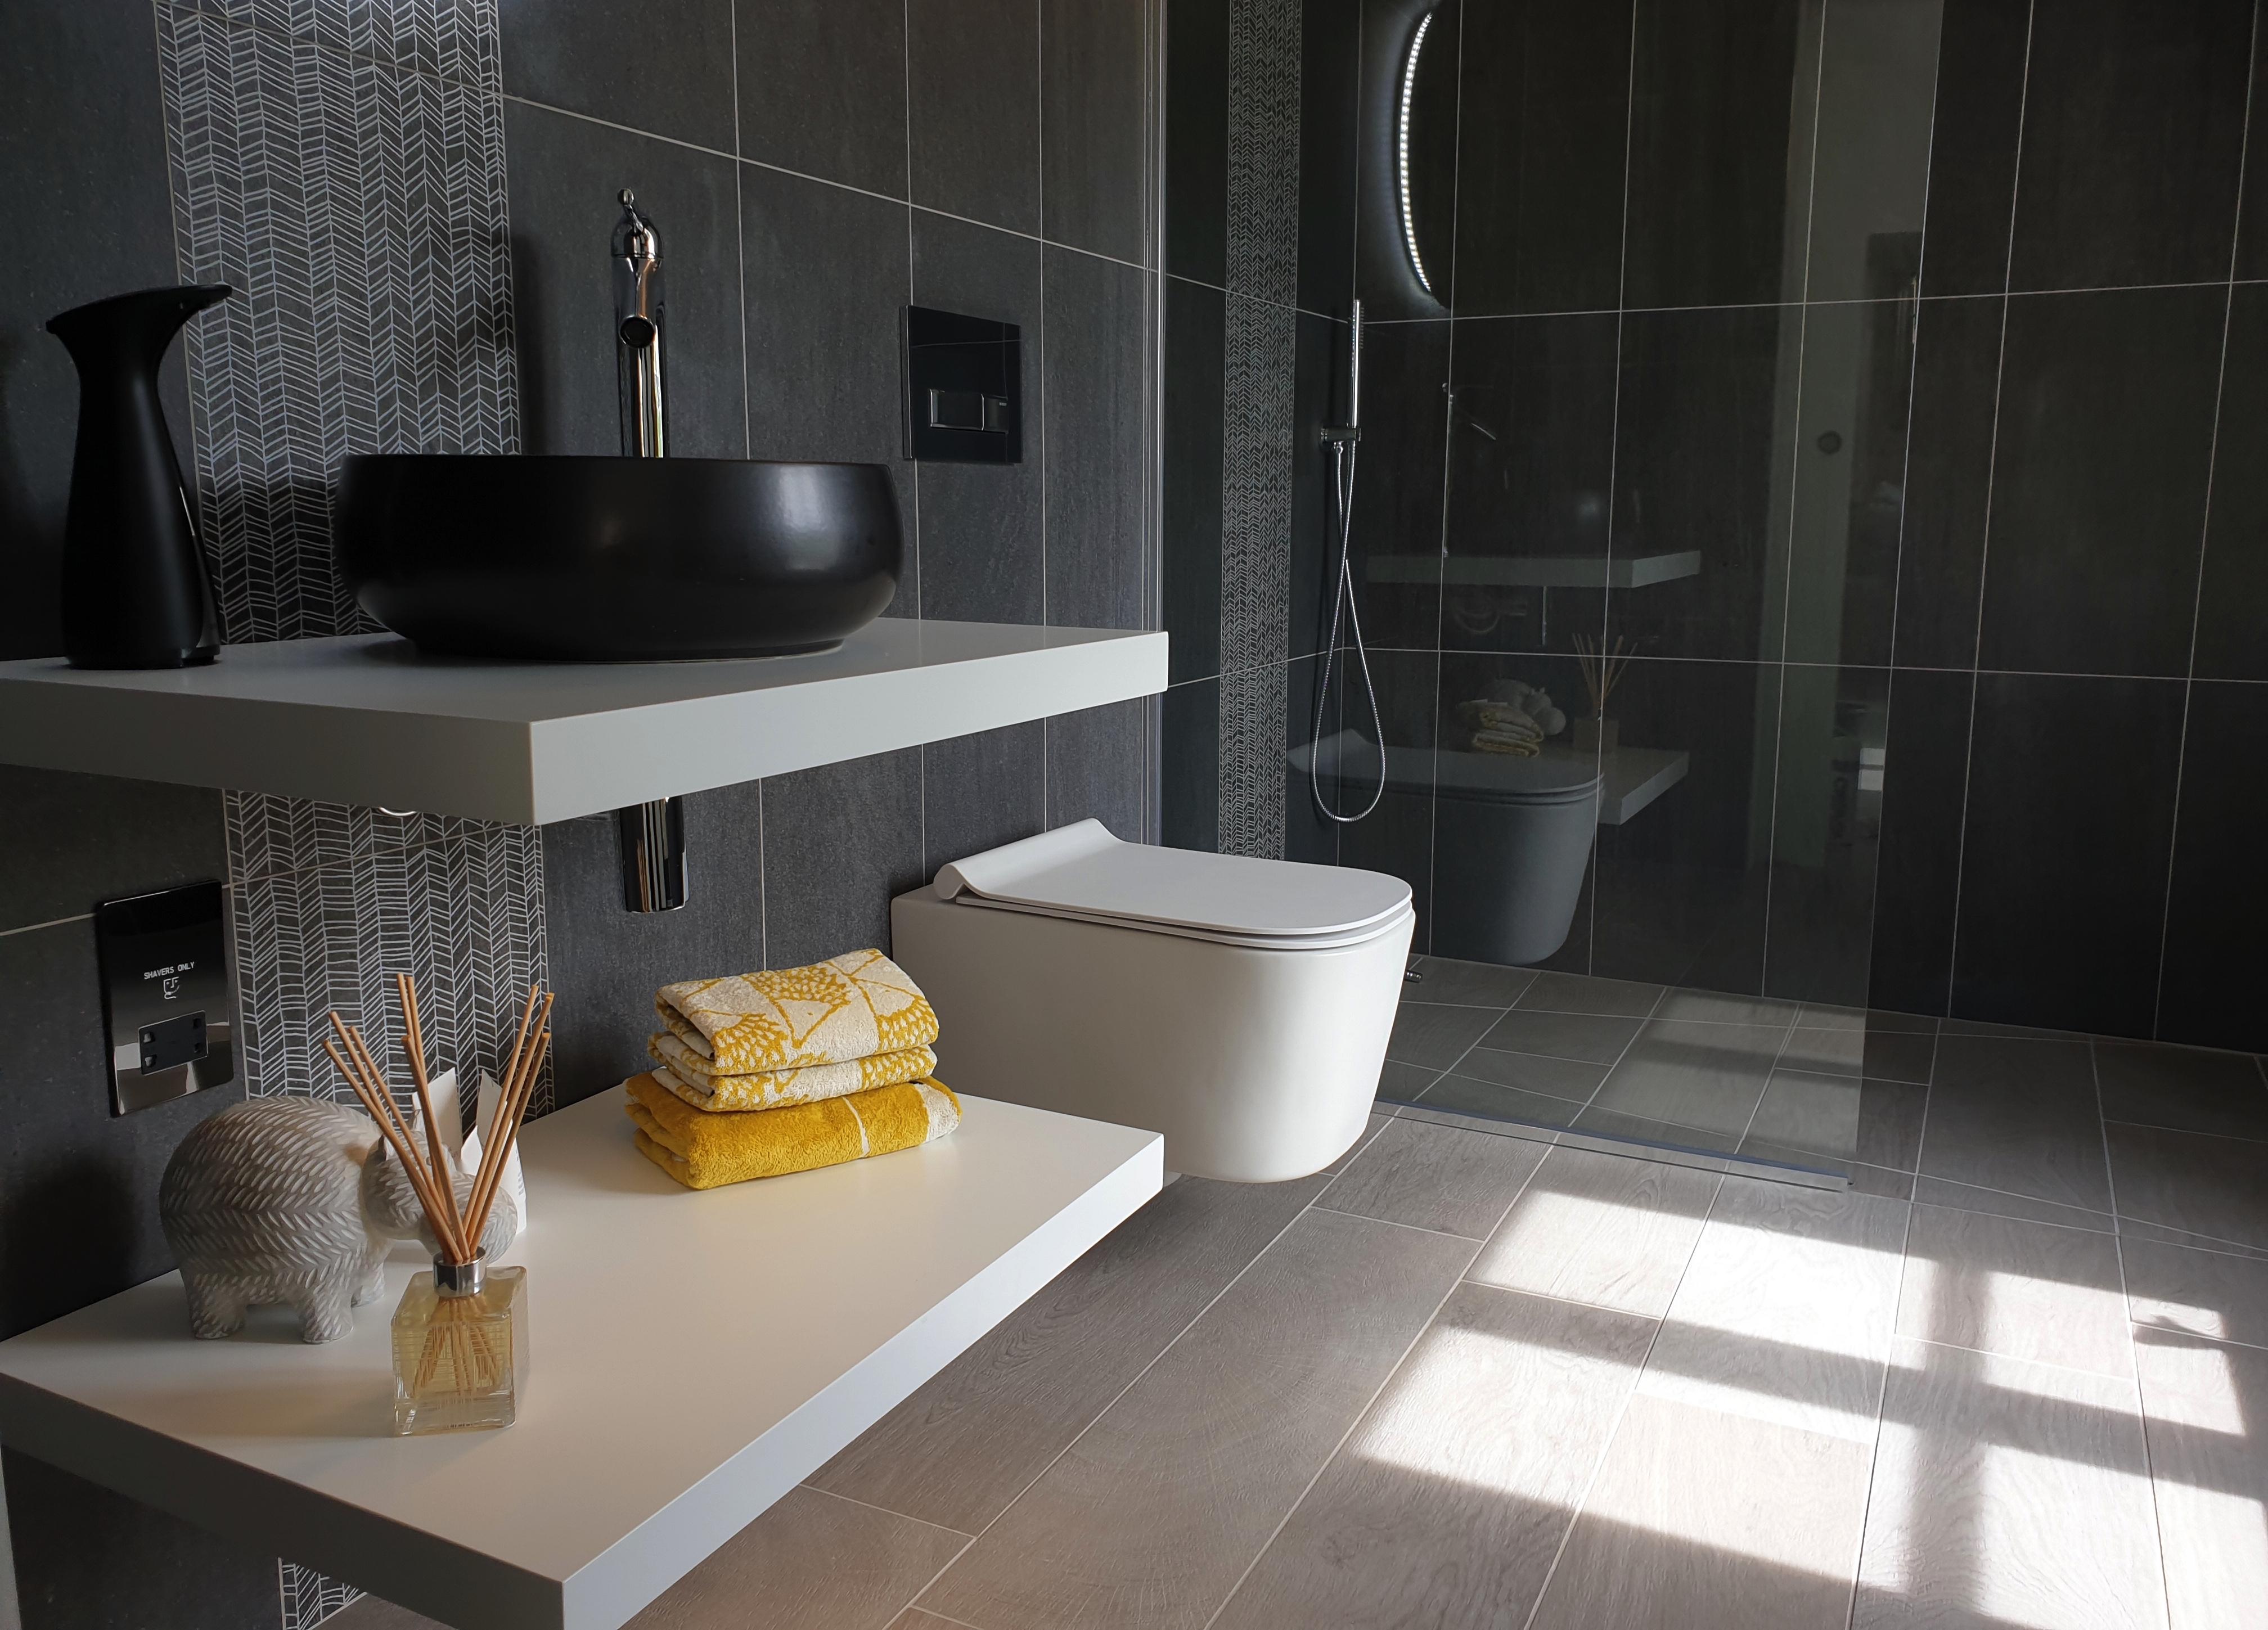 White floating basin shelves